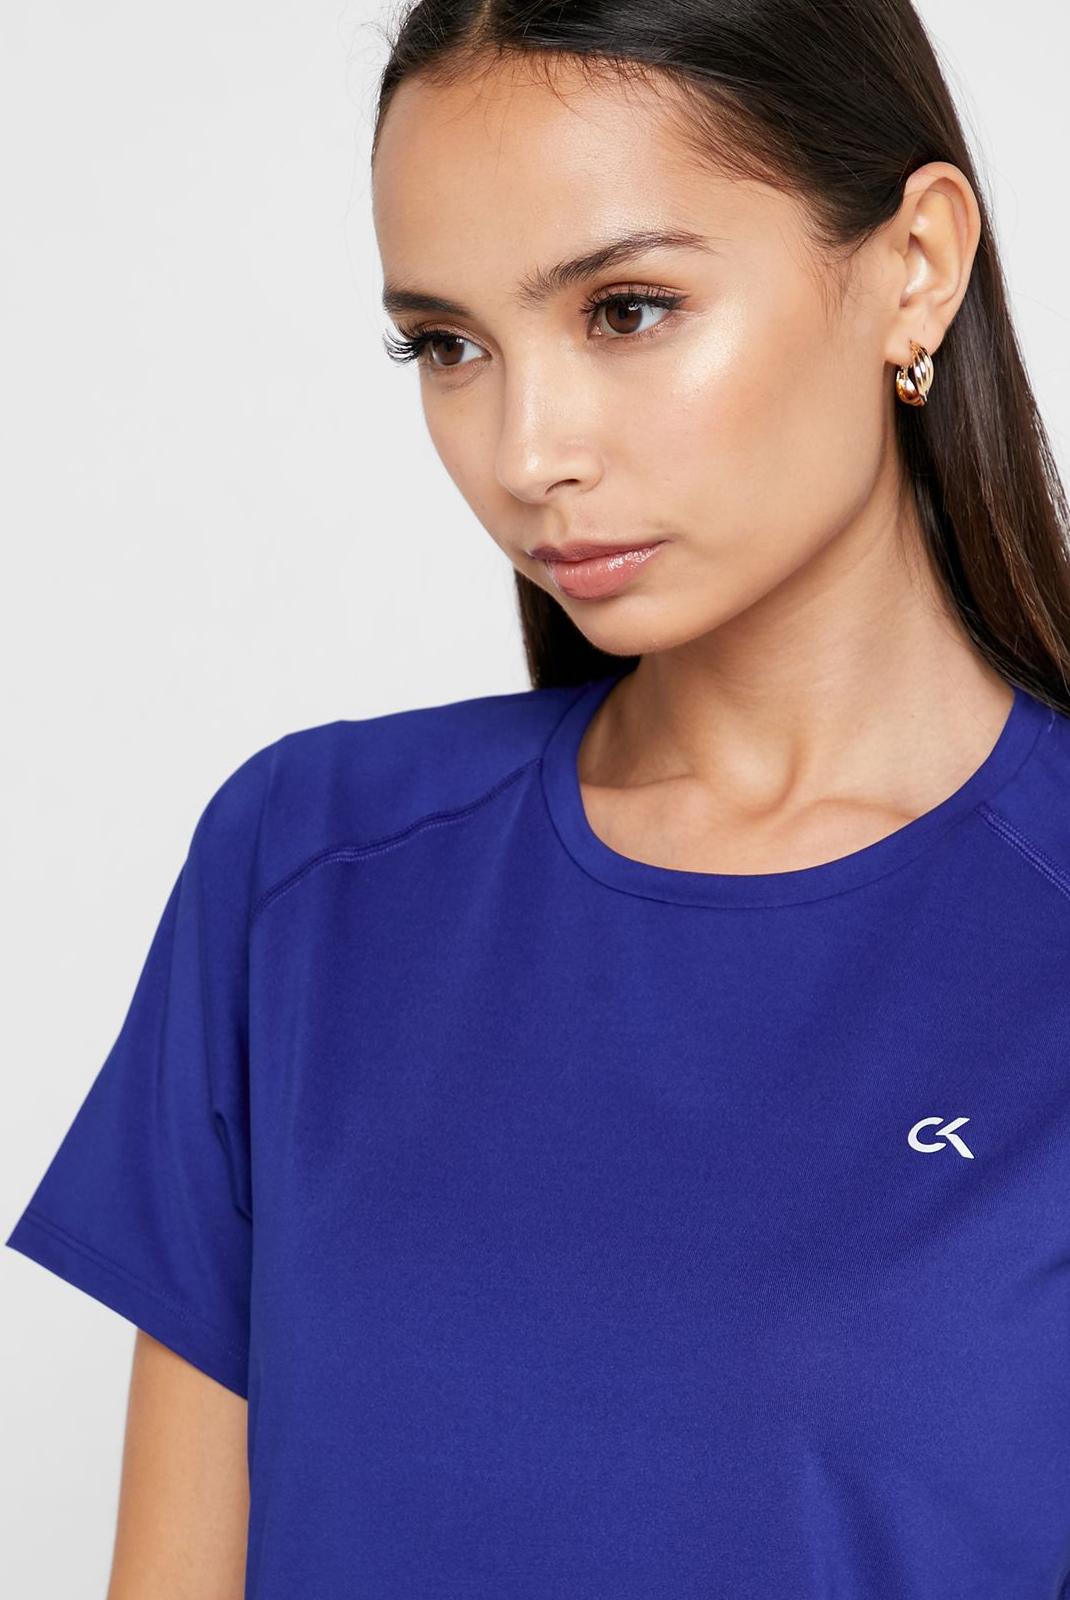 Tee shirt  Calvin klein 00GWF8K140-485 Blue Sapphire